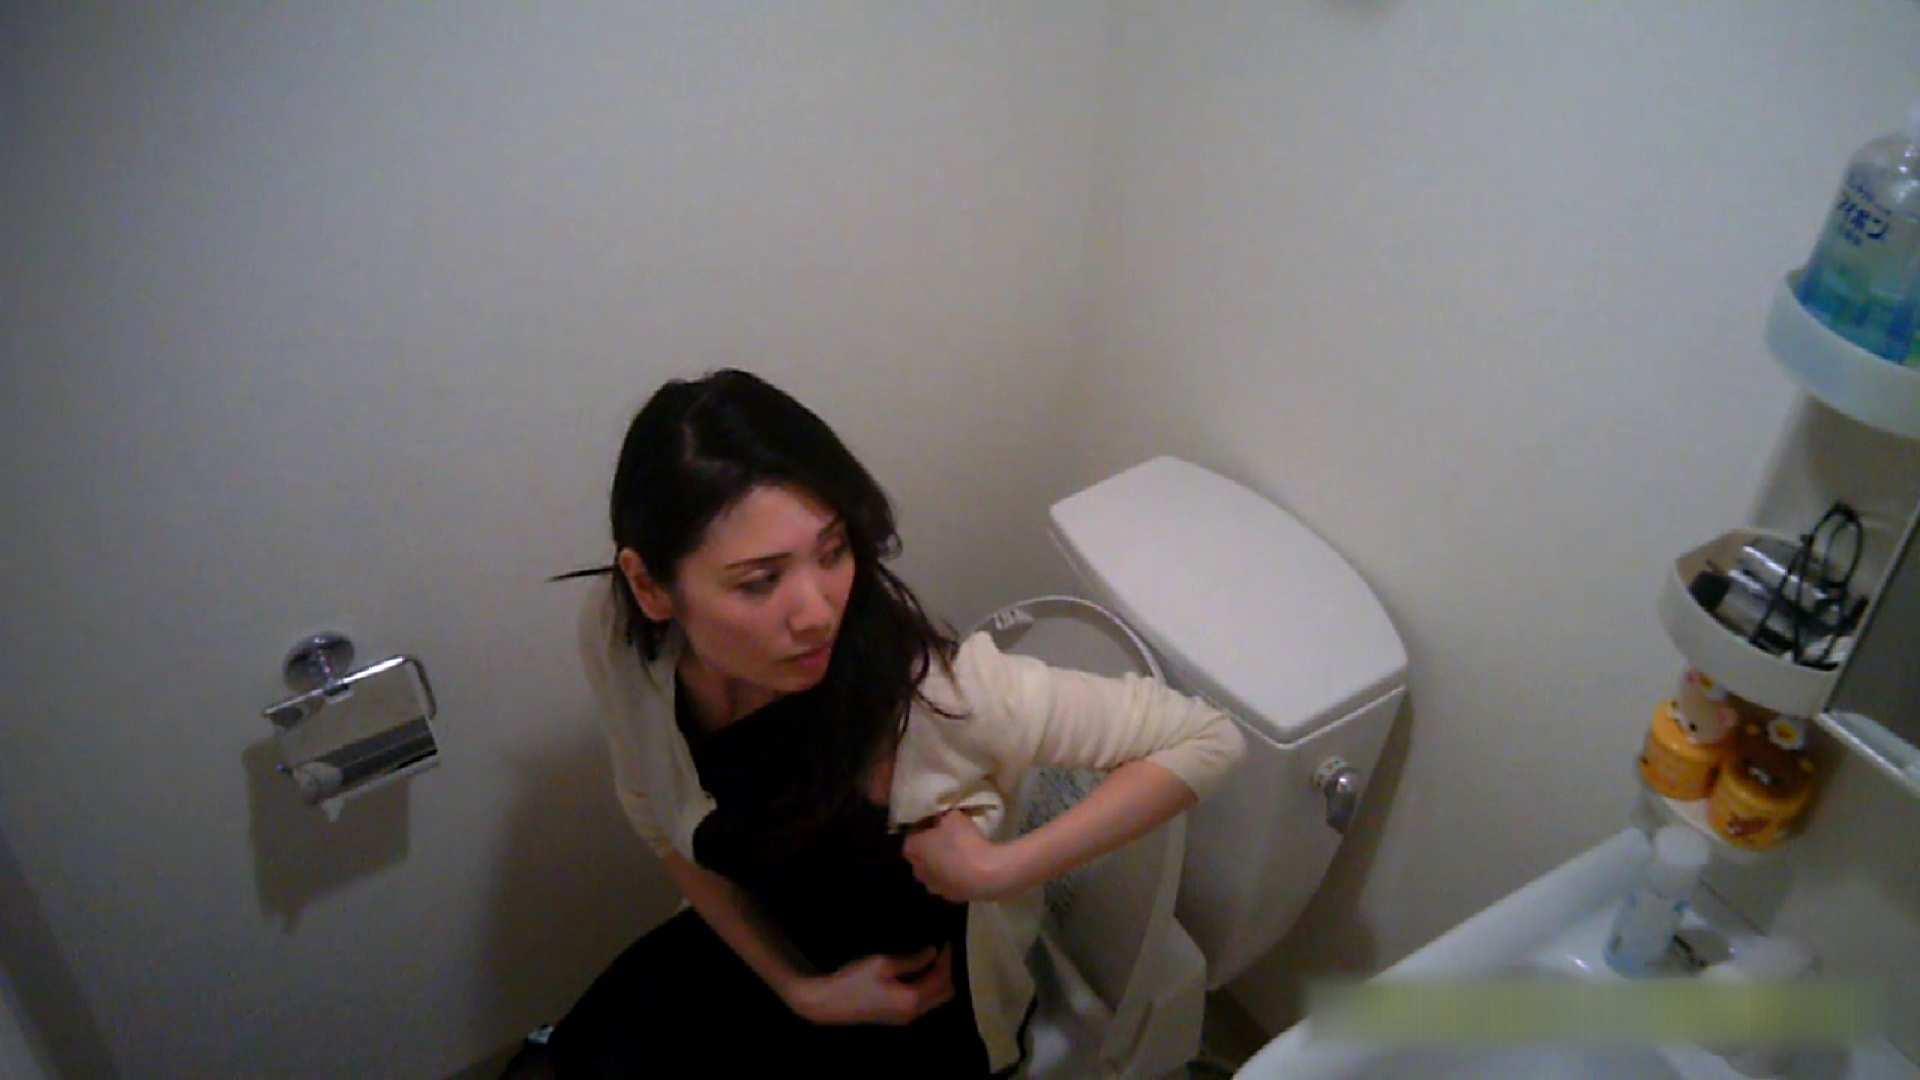 清楚な顔してかなり敏感なE子25歳(仮名)Vol.04 トイレ編 高画質 戯れ無修正画像 62画像 14